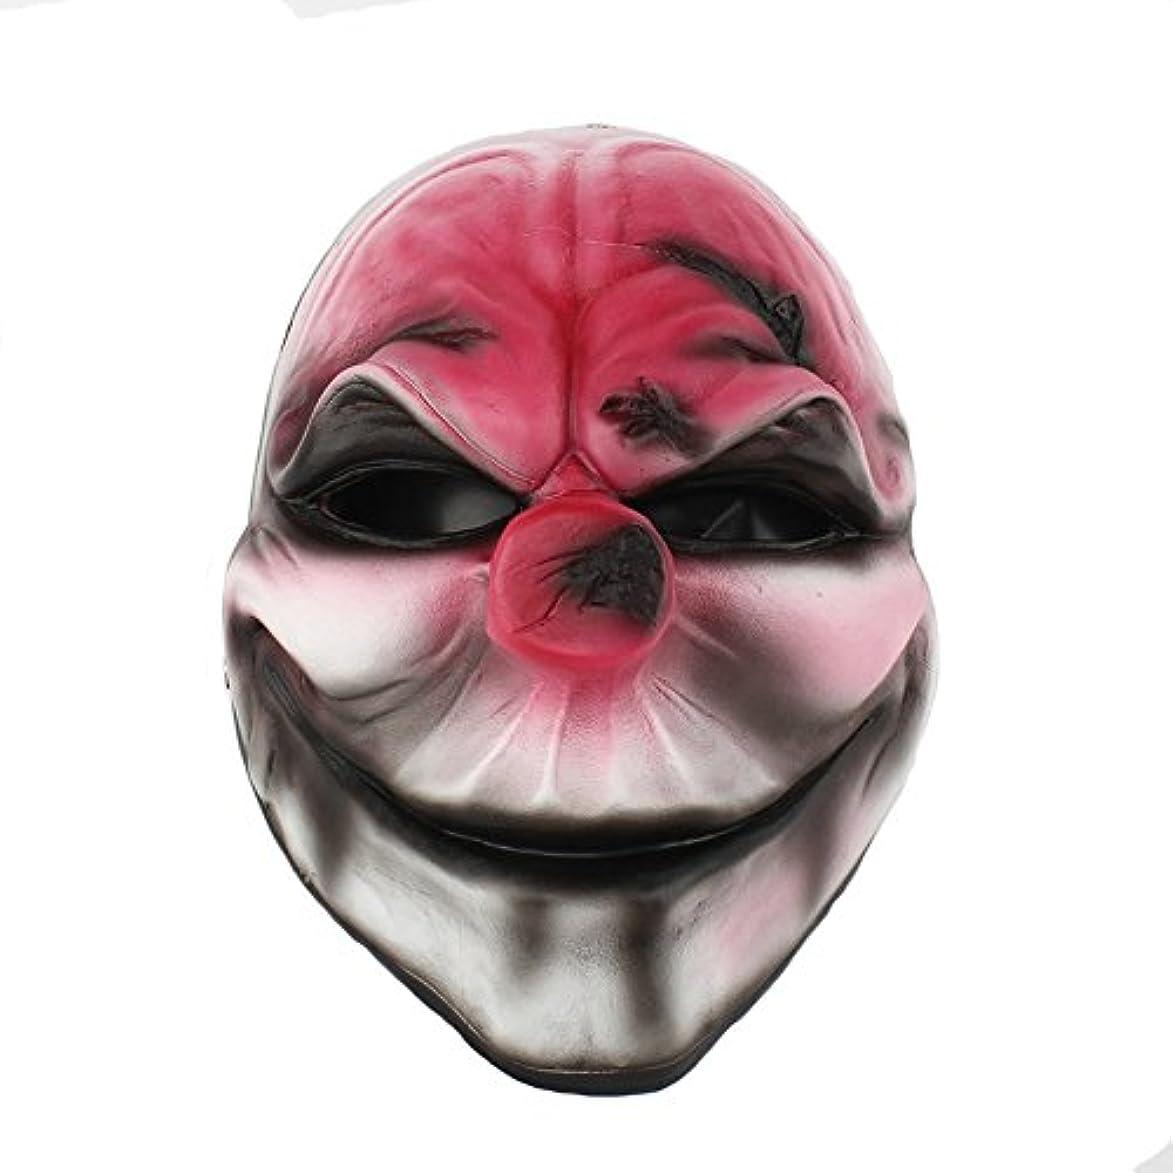 管理します聡明としてハロウィーン仮装パーティーキャラクタードレスアップ樹脂マスク